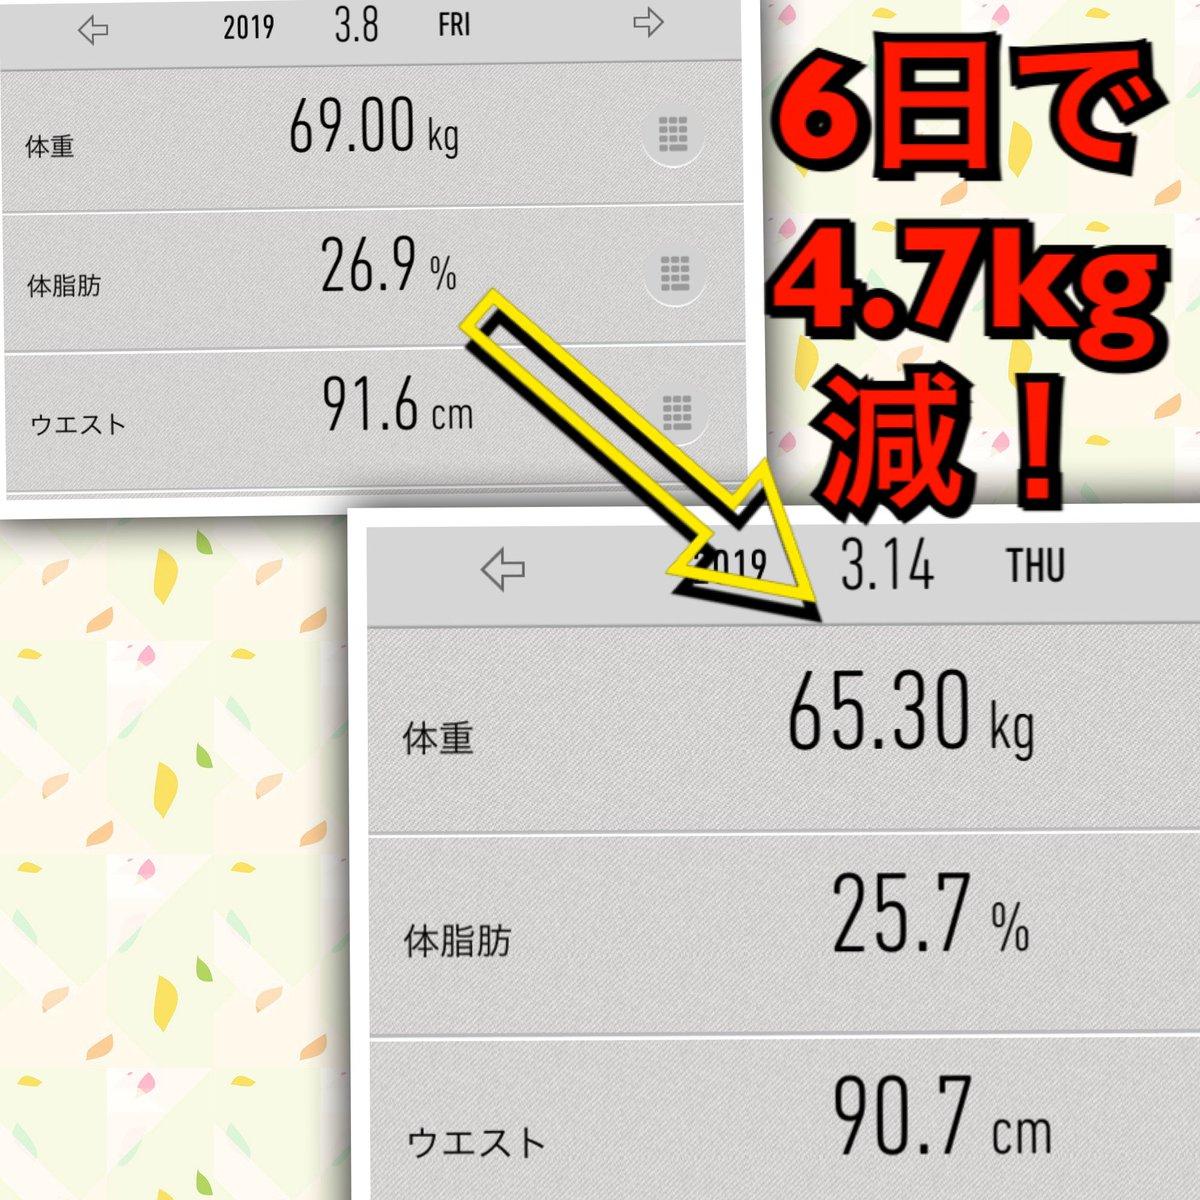 断食 痩せる 日間 キロ 5 何